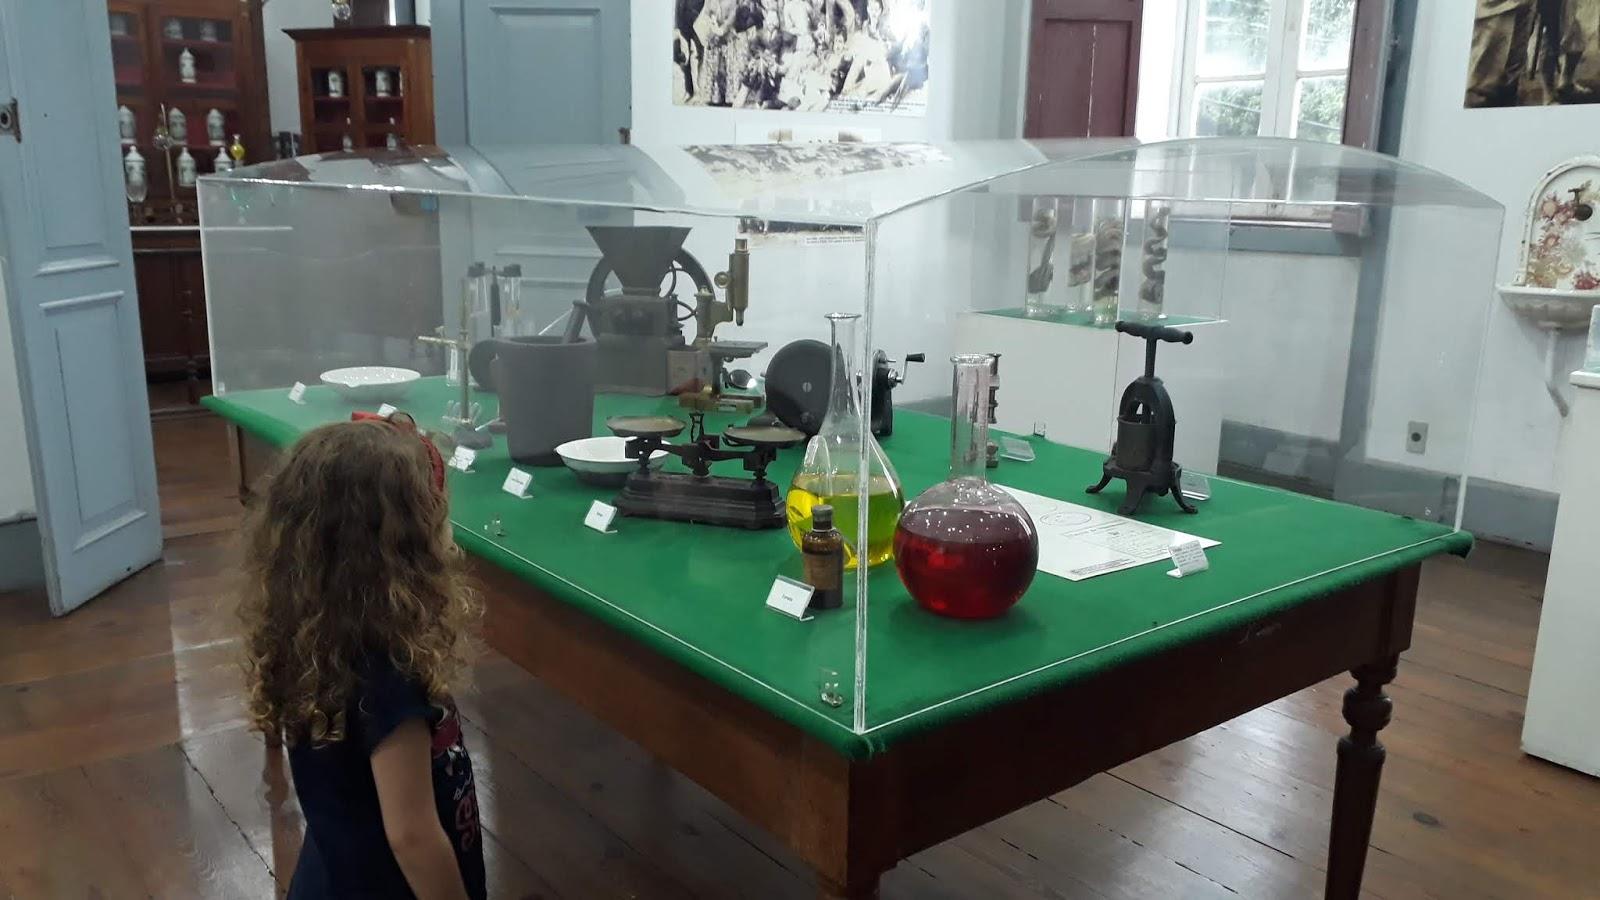 Instrumentos de trabalho do boticário/farmacêutico - Museu da farmácia UFOP